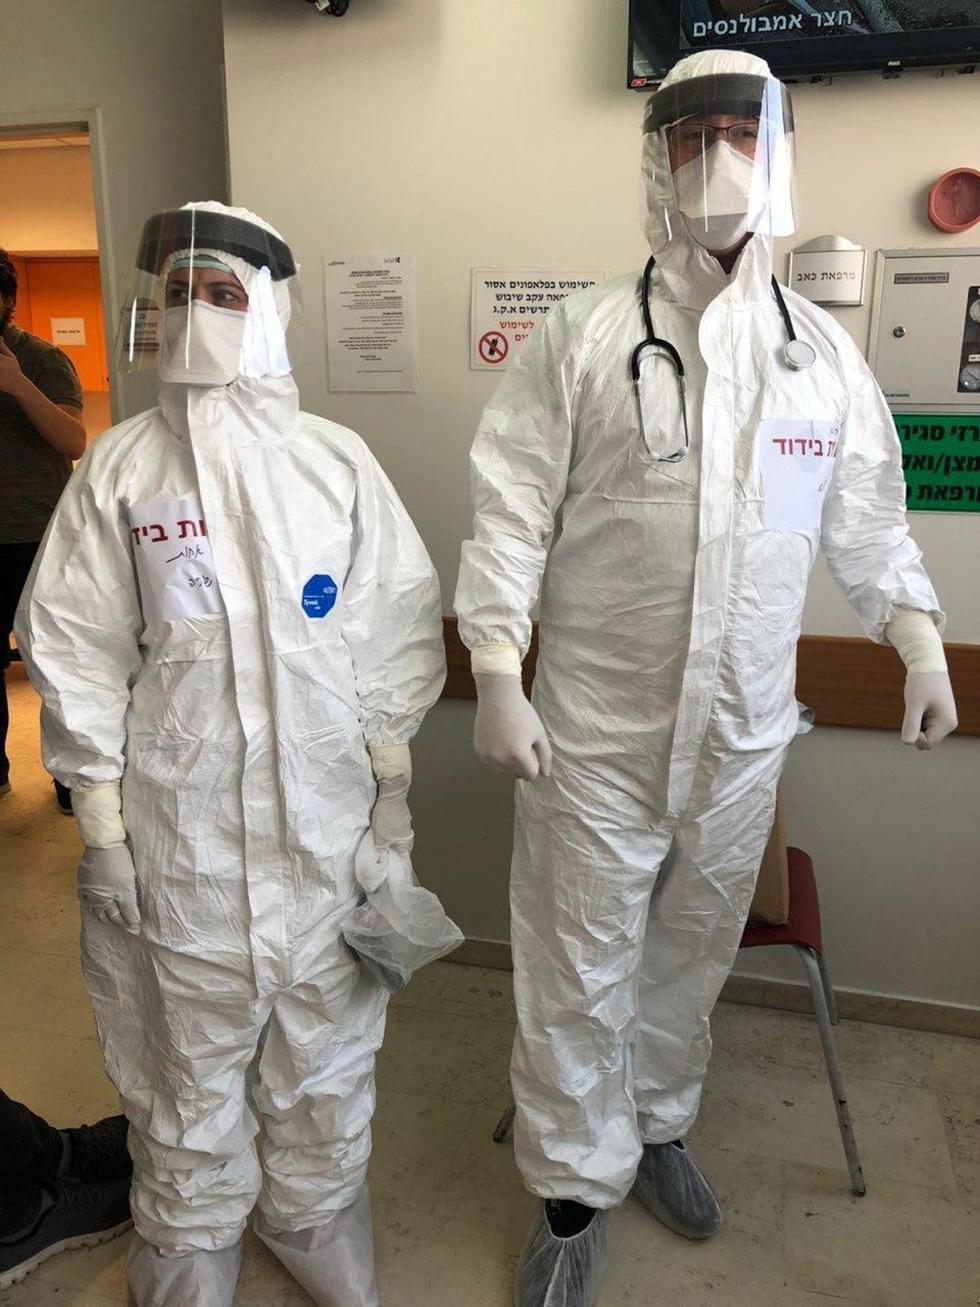 מחלקה ייעודית לחולי קורונה נפתחה בבי